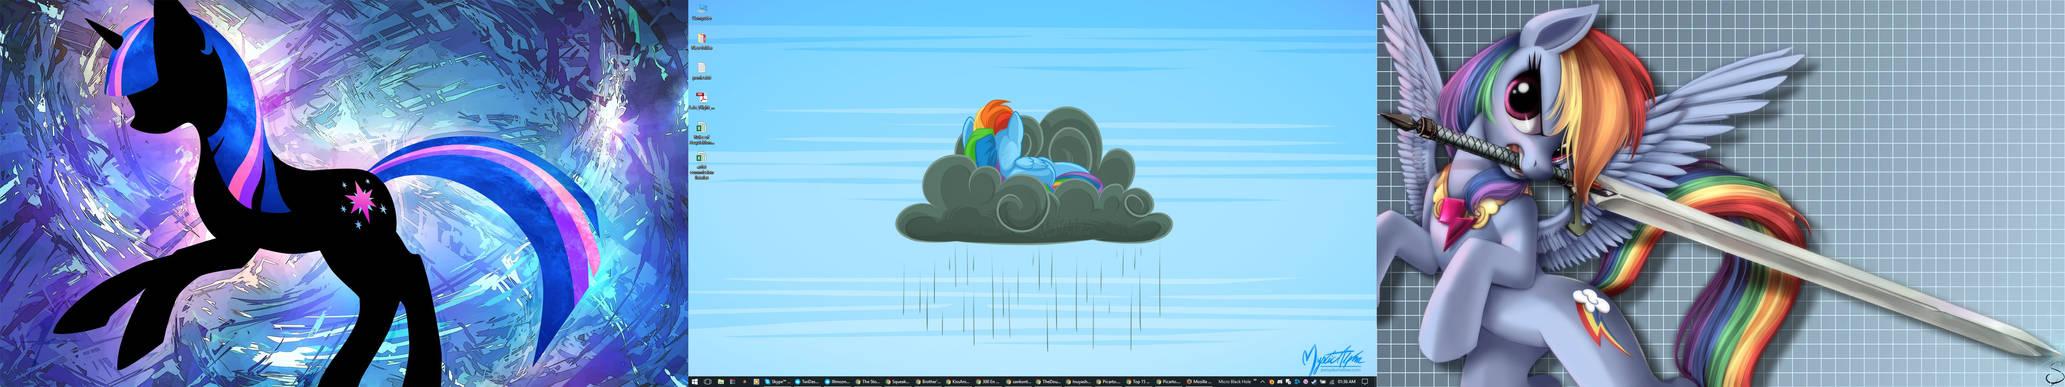 Ponies Desktop